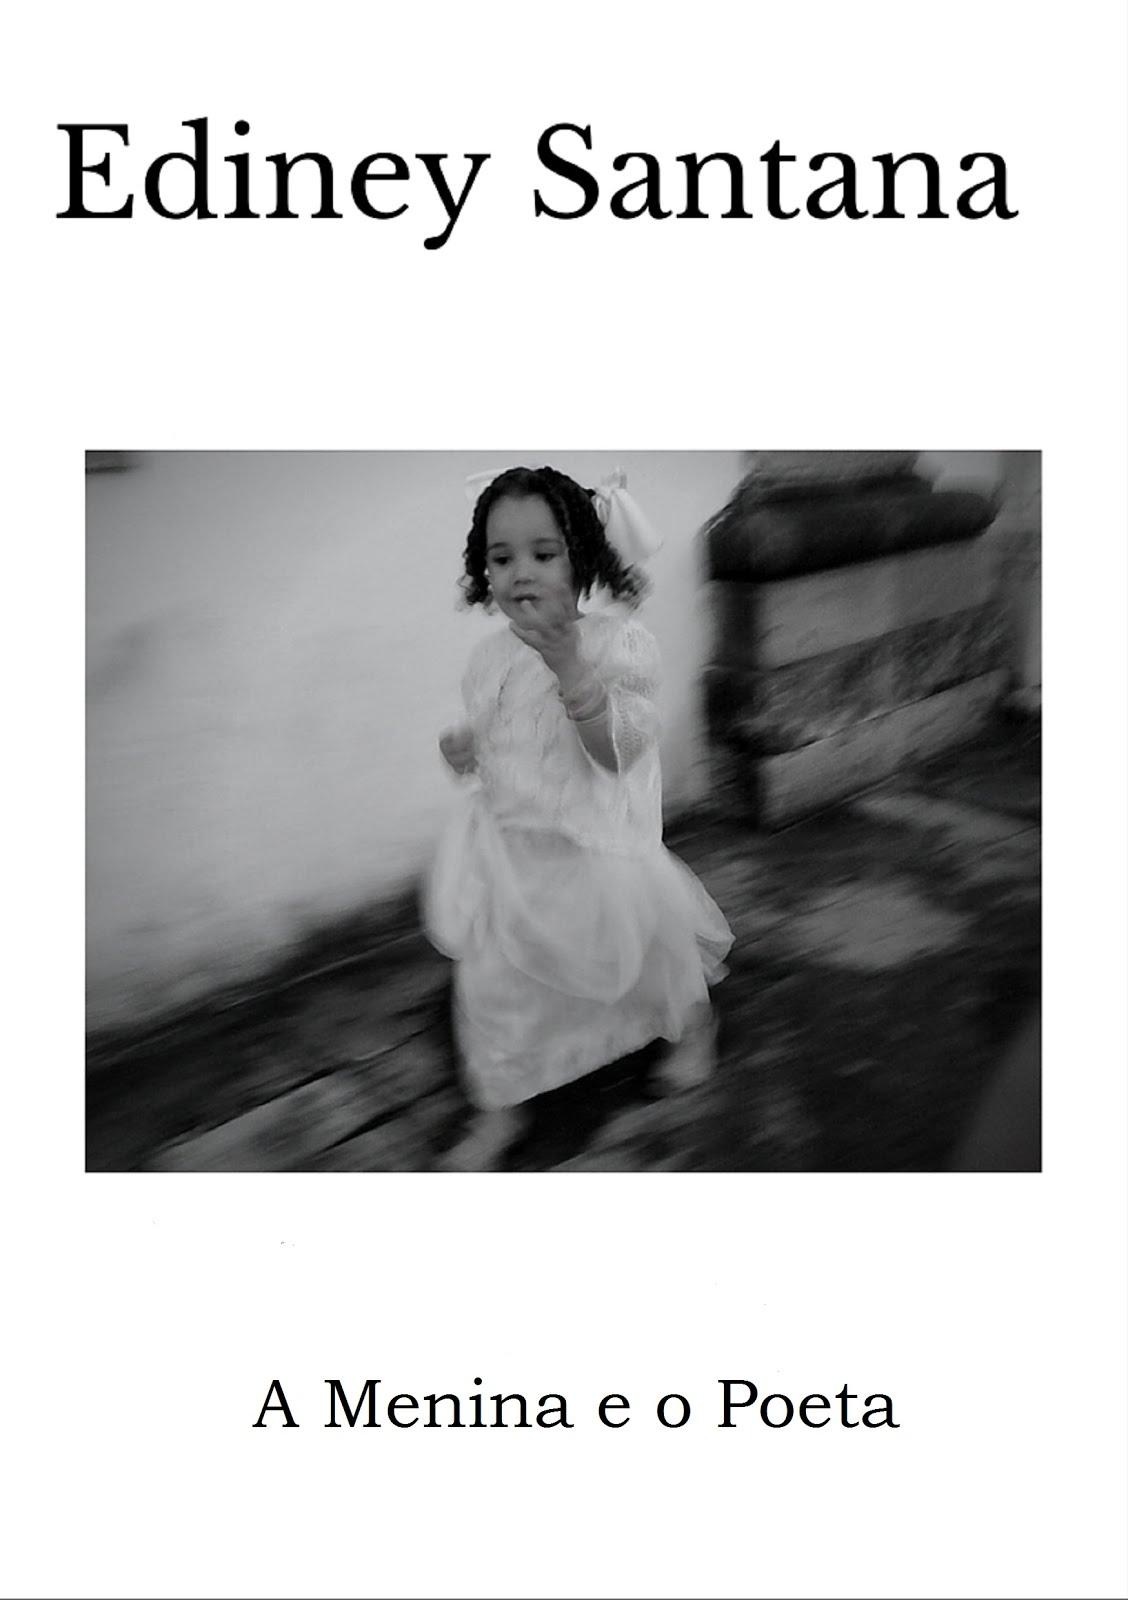 A Menina e o Poeta